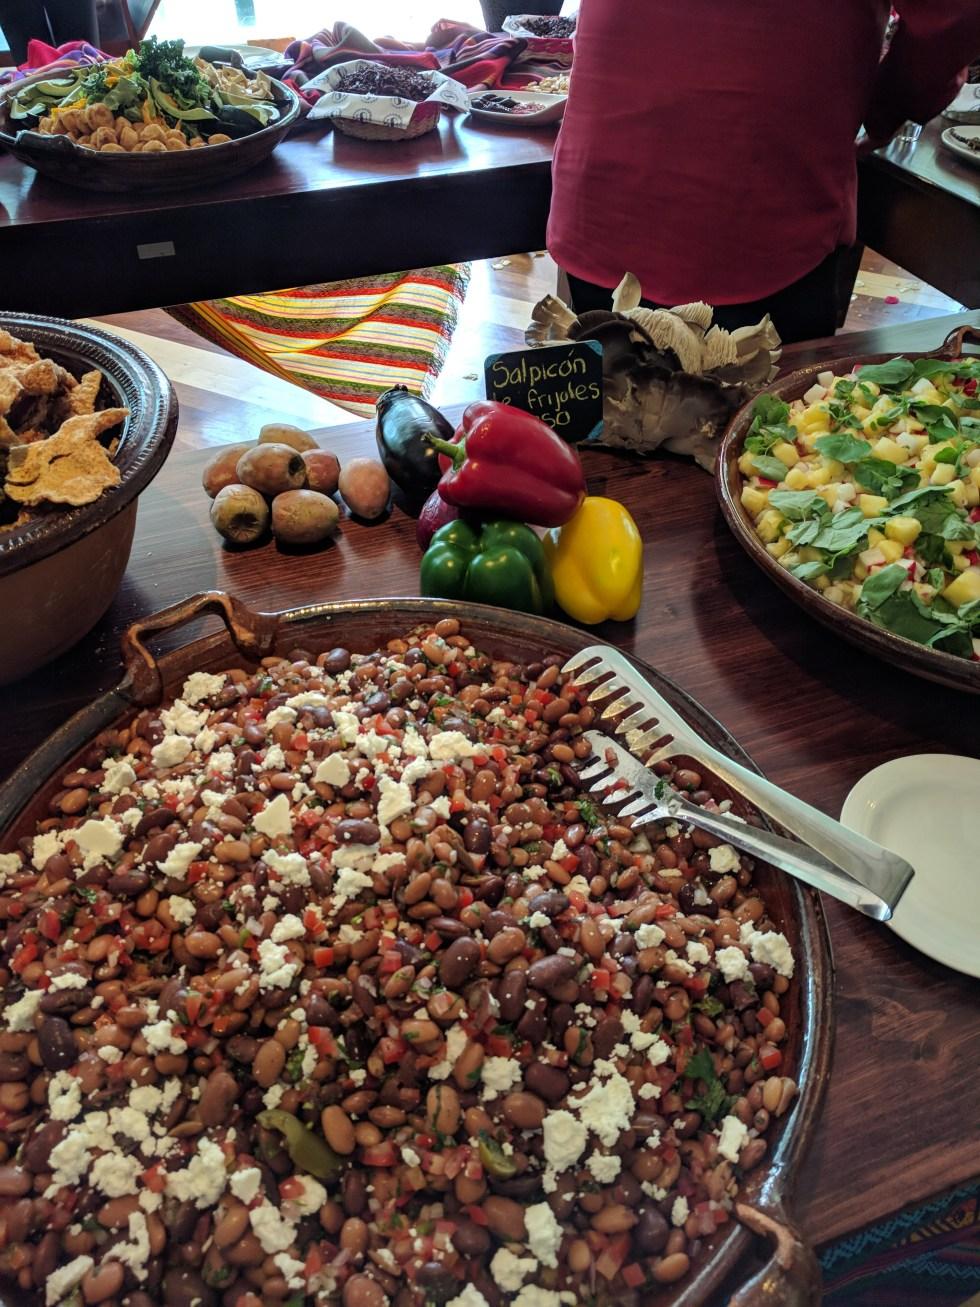 Hermosa Increíble Menú De Cocina Colección de Imágenes - Como ...